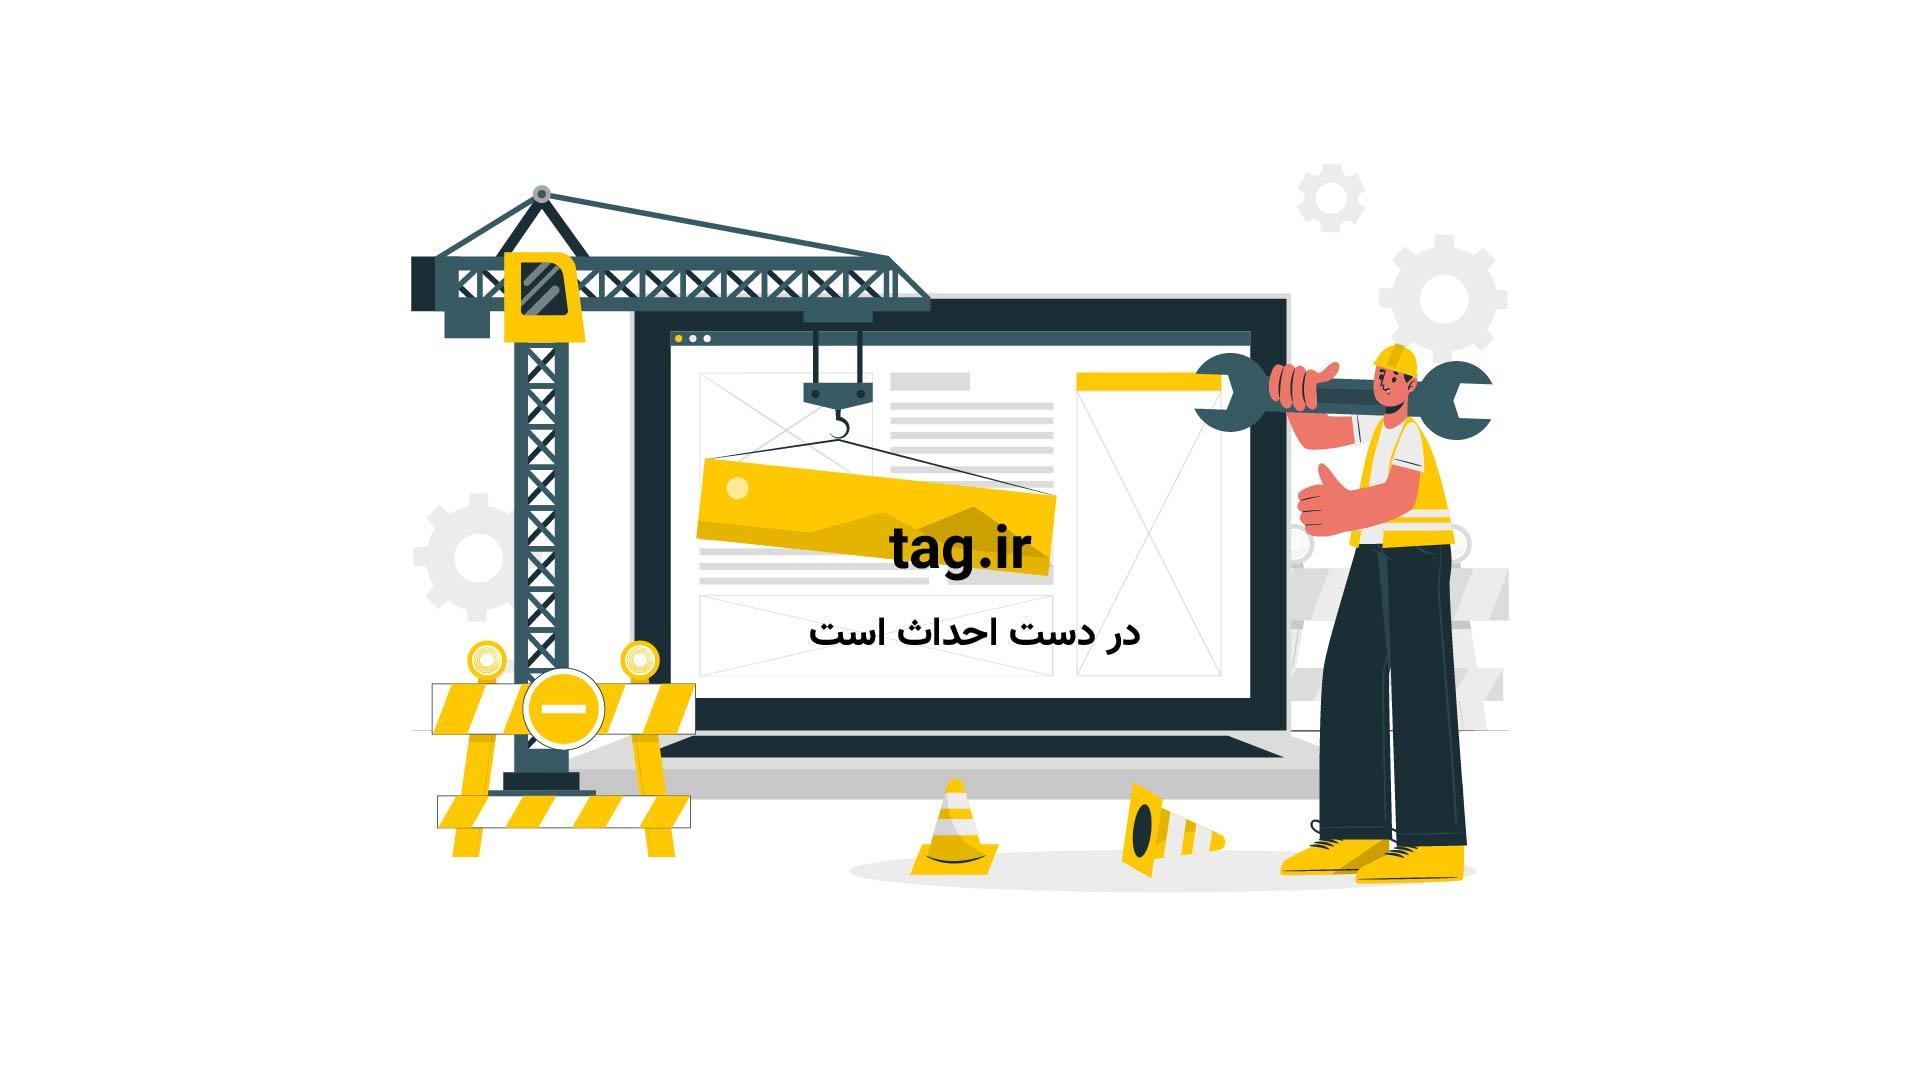 نماهنگ سلام من به حسین؛ ویژه پیاده روی اربعین از حاج محمود کریمی   فیلم